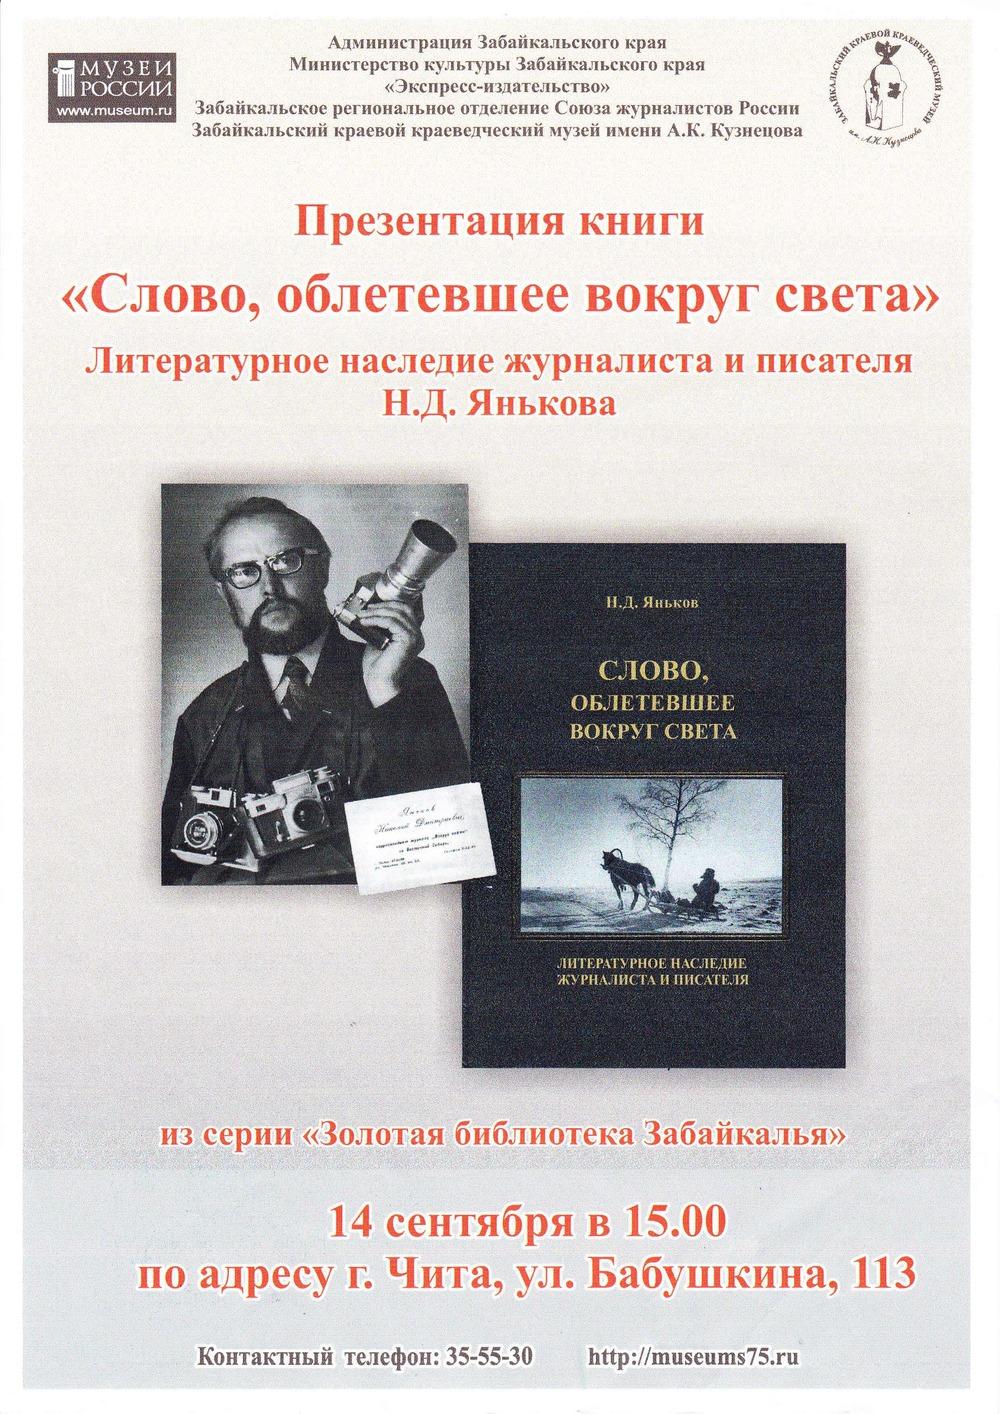 Презентация книги Николая Янькова